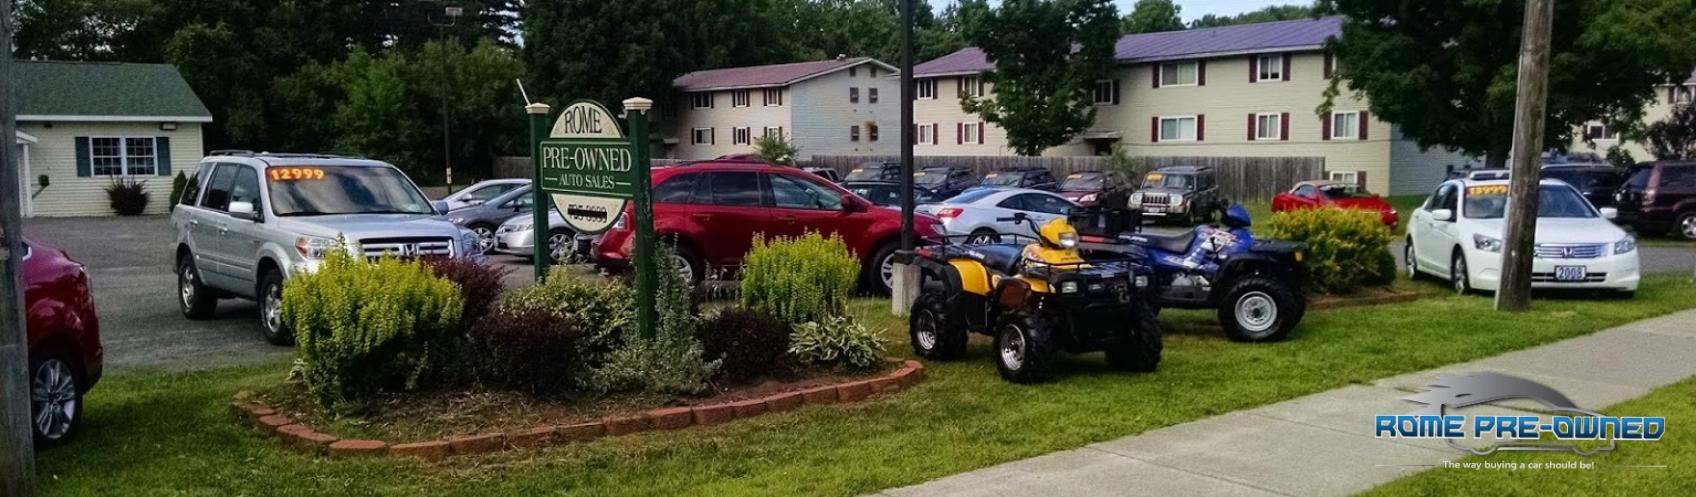 Used Cars Under 5K Utica NY